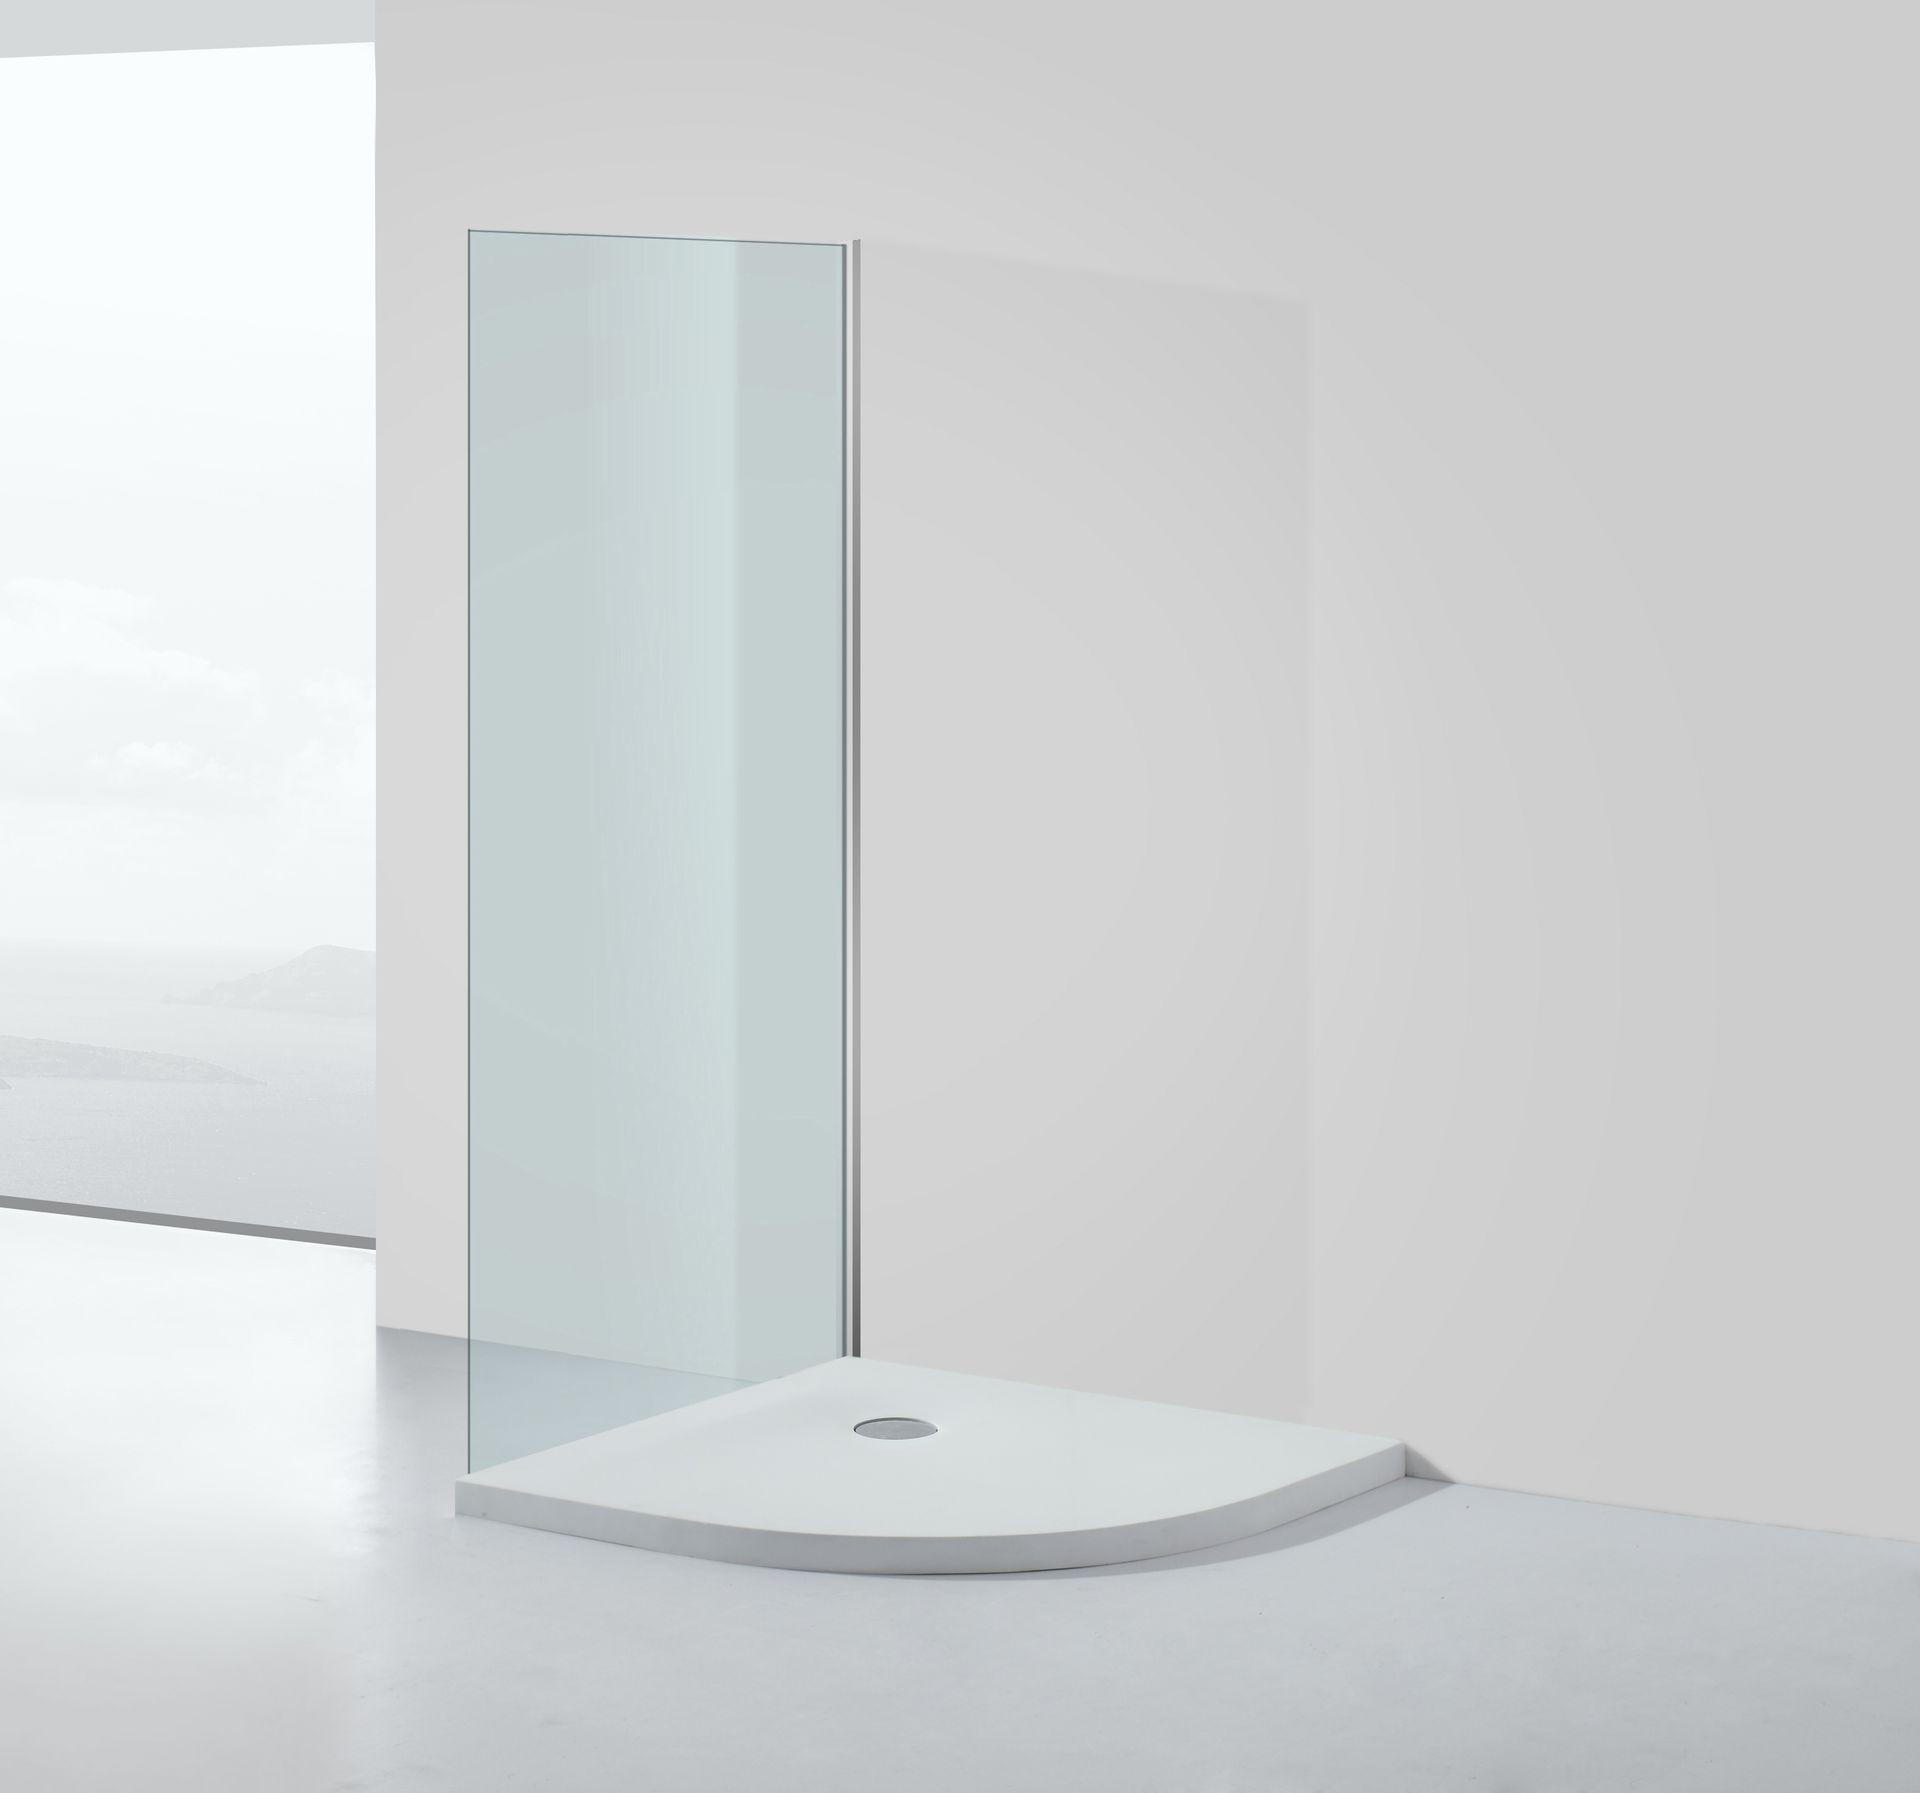 Mineralguss - Duschtasse 80 x 80 x 5 cm (Viertelkreis)